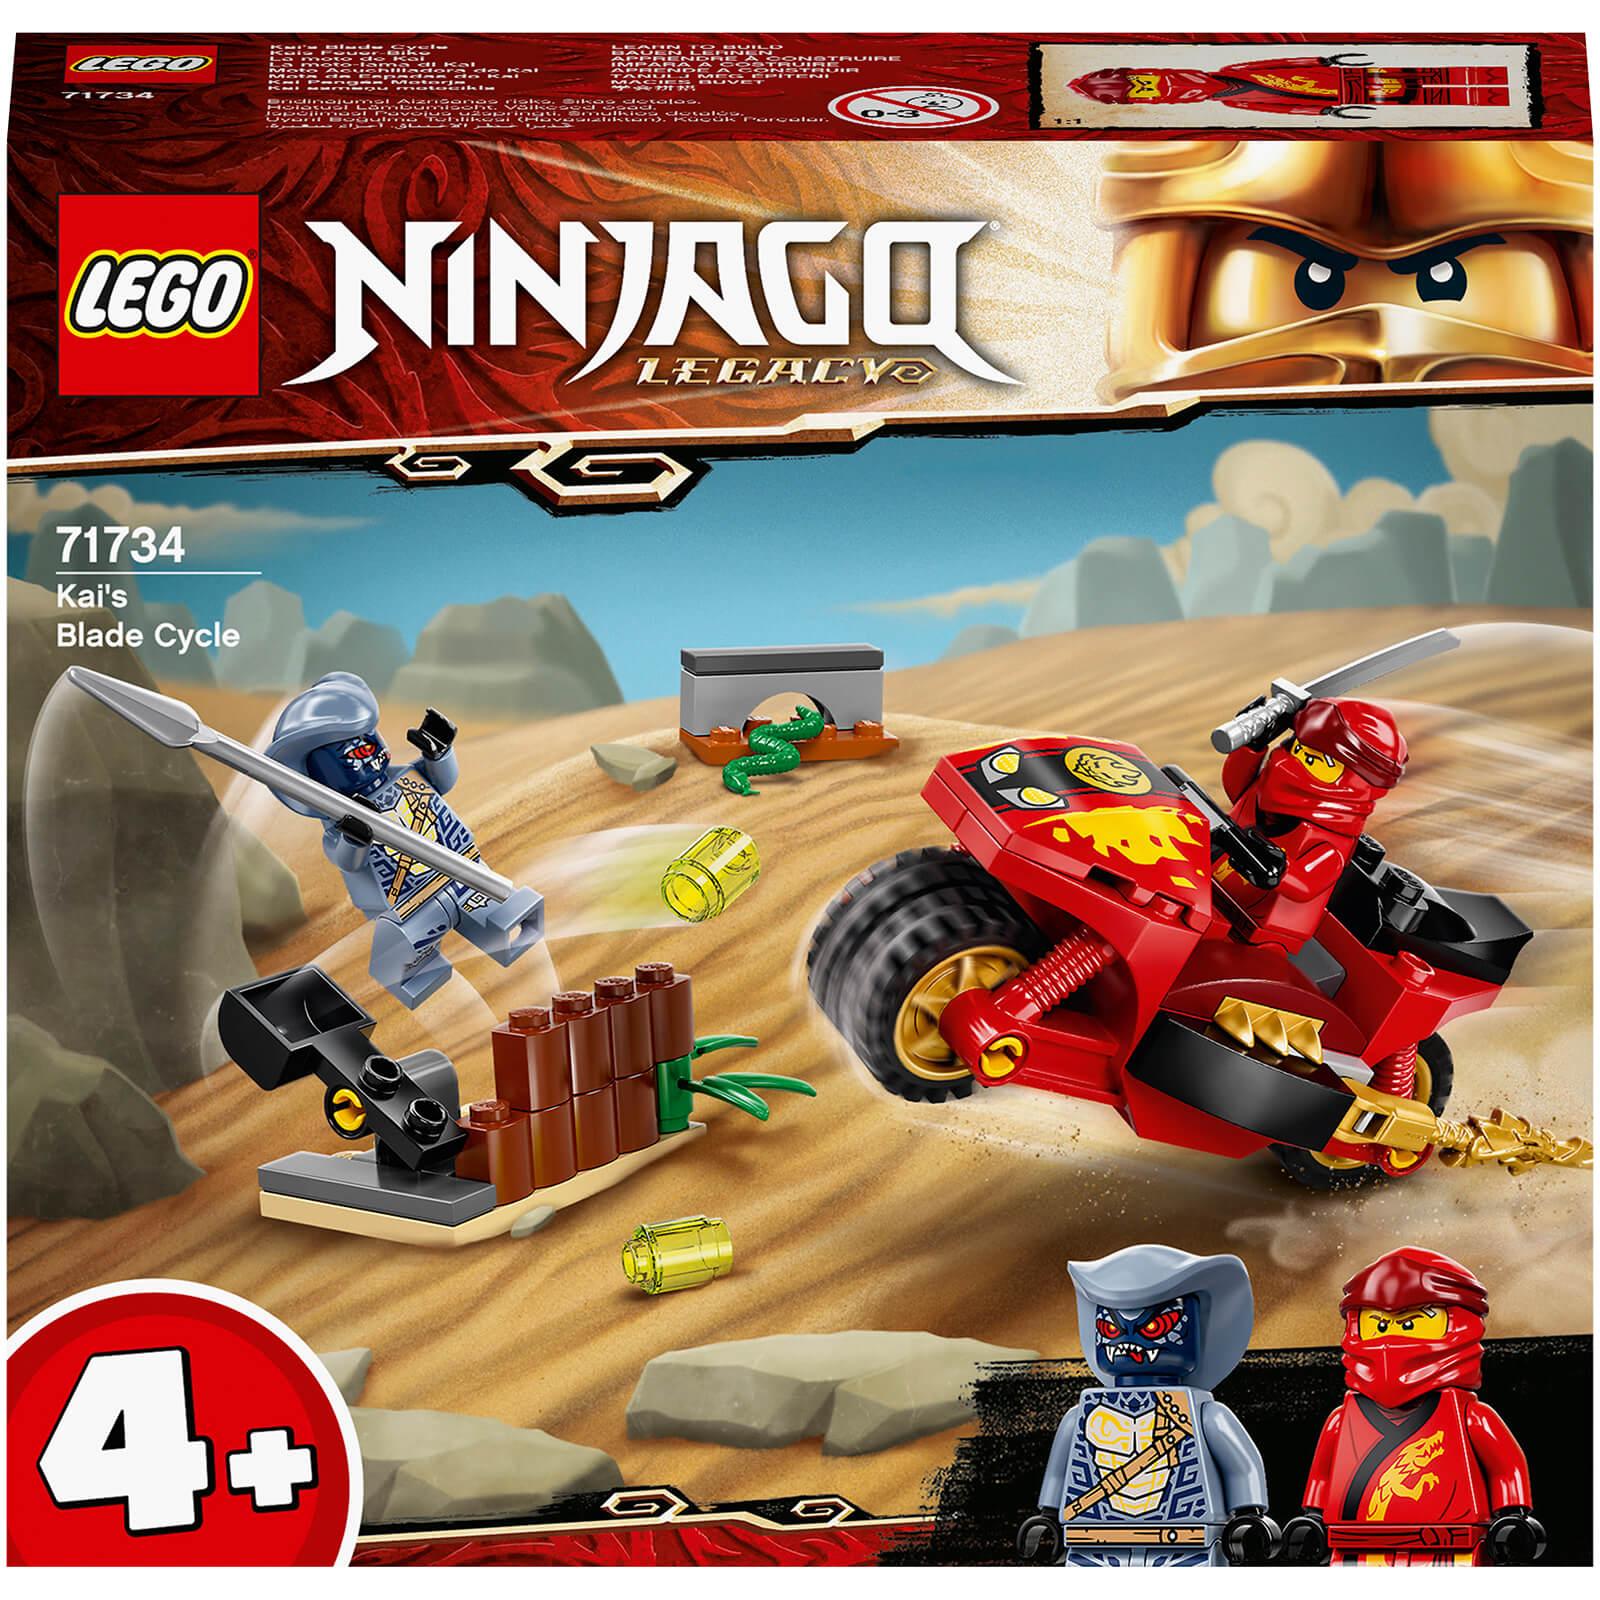 LEGO Ninjago Kais Blade Cycle Toy (71734)